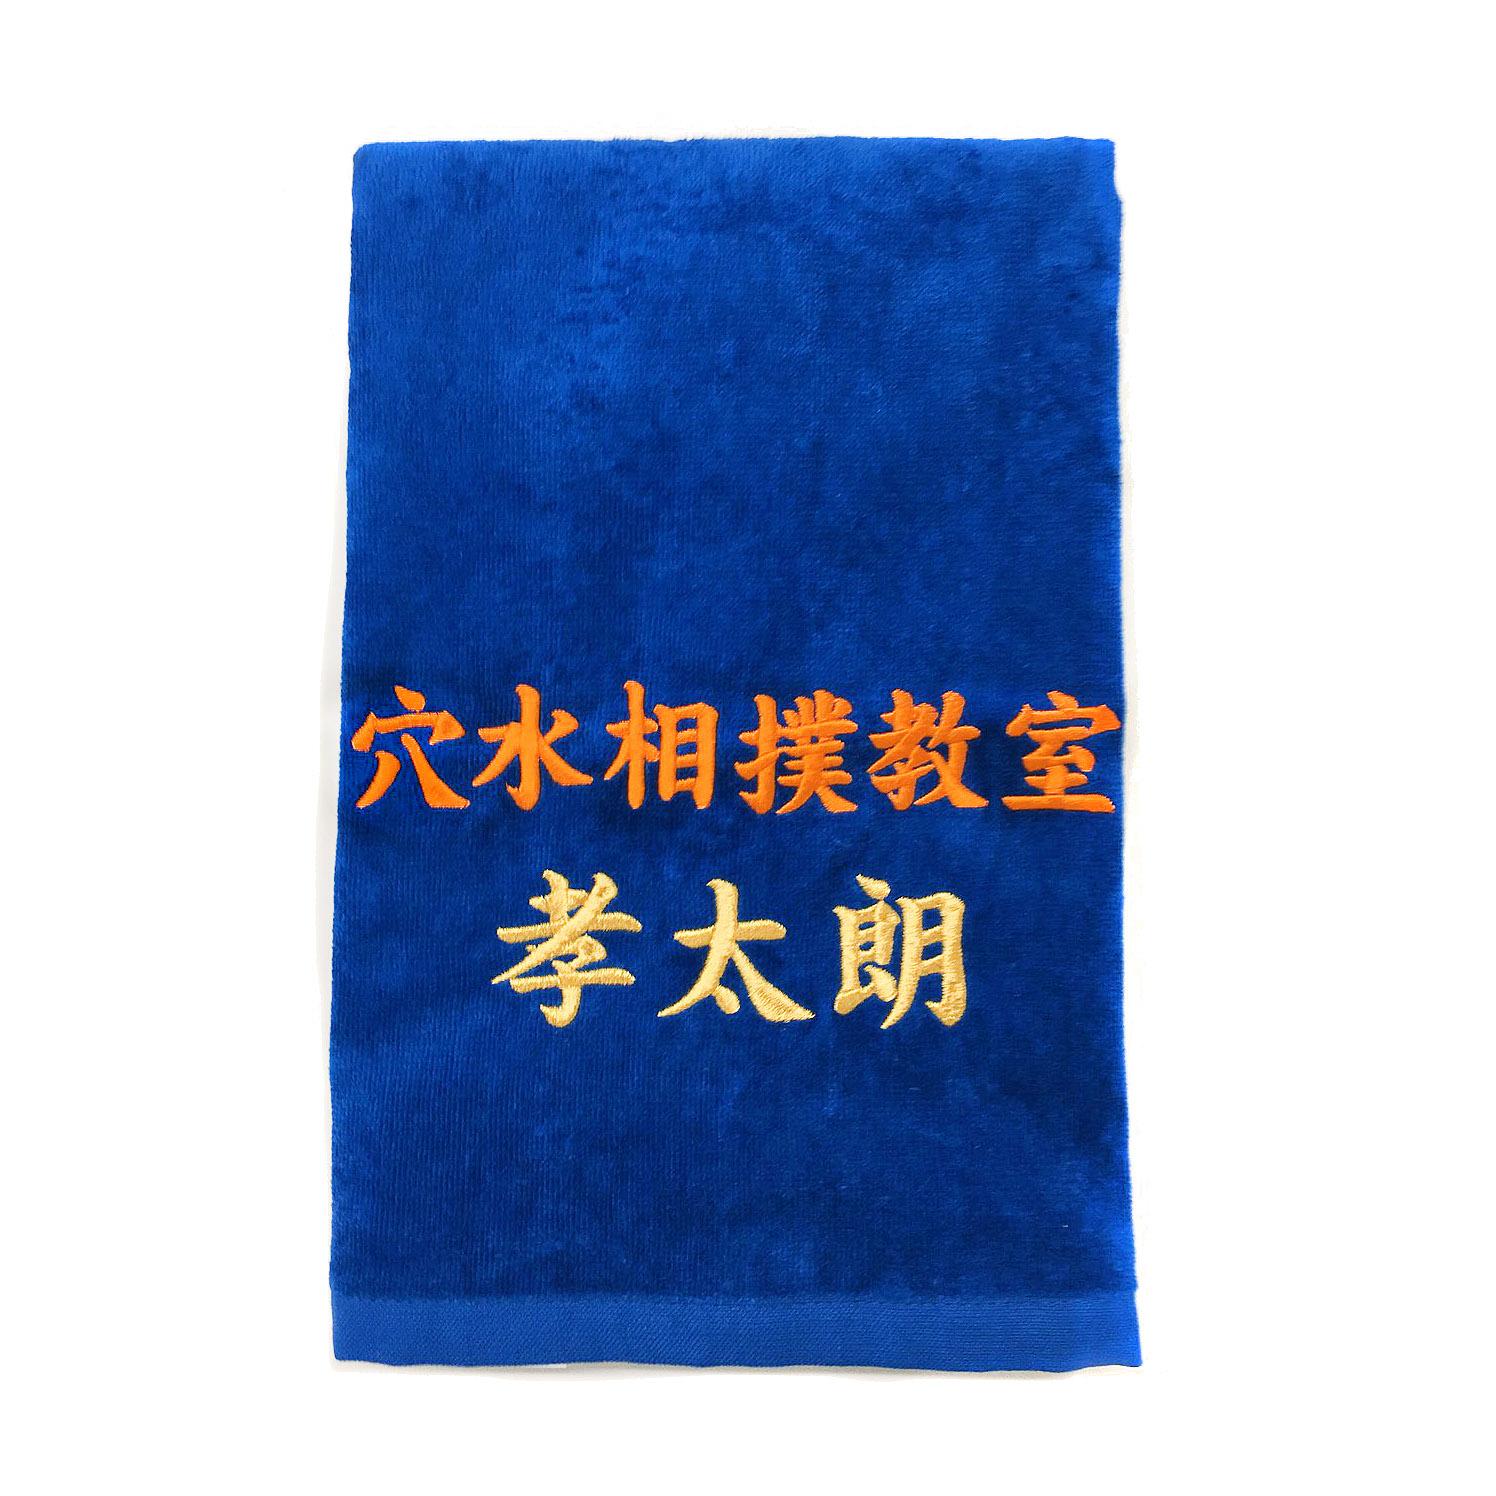 【18799】チーム刺繍/ MSシャーリング インディゴ/スポーツタオル/A位置